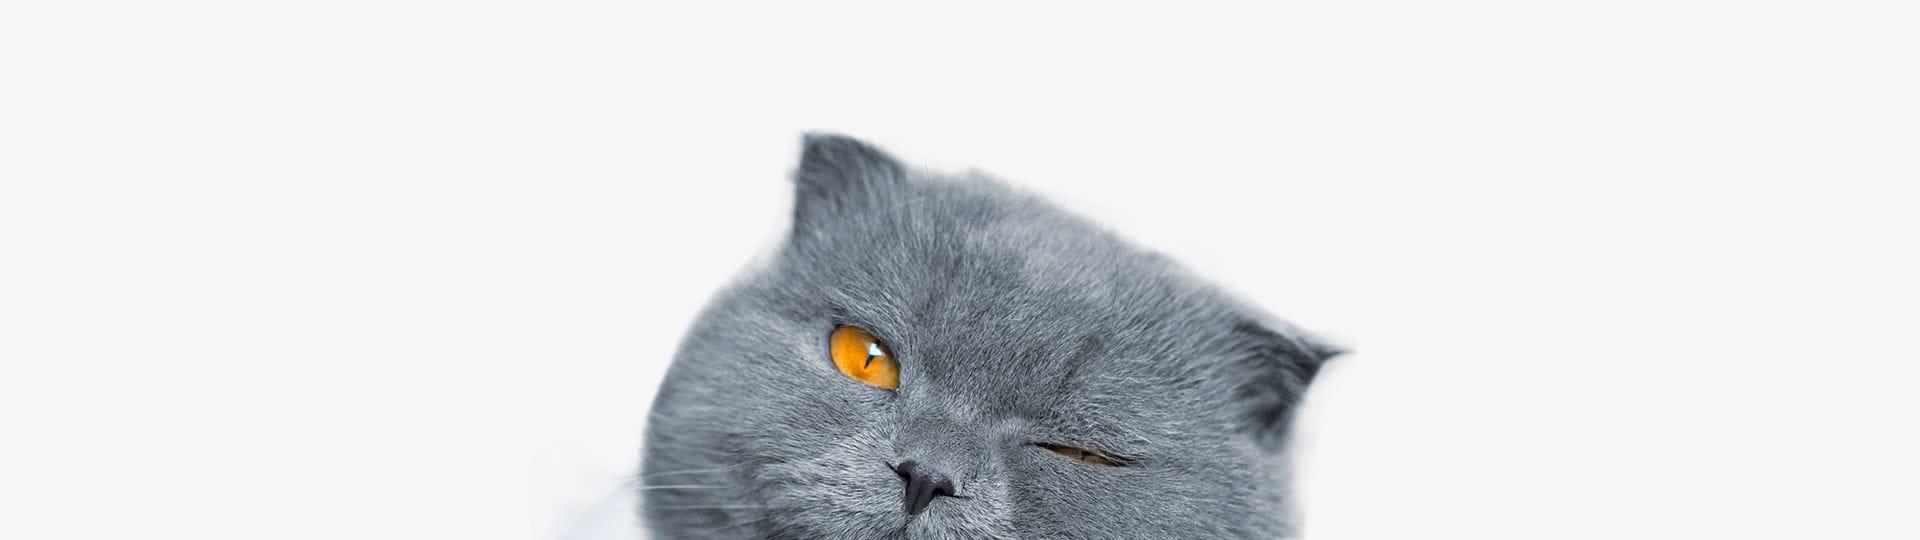 macska viselkedés